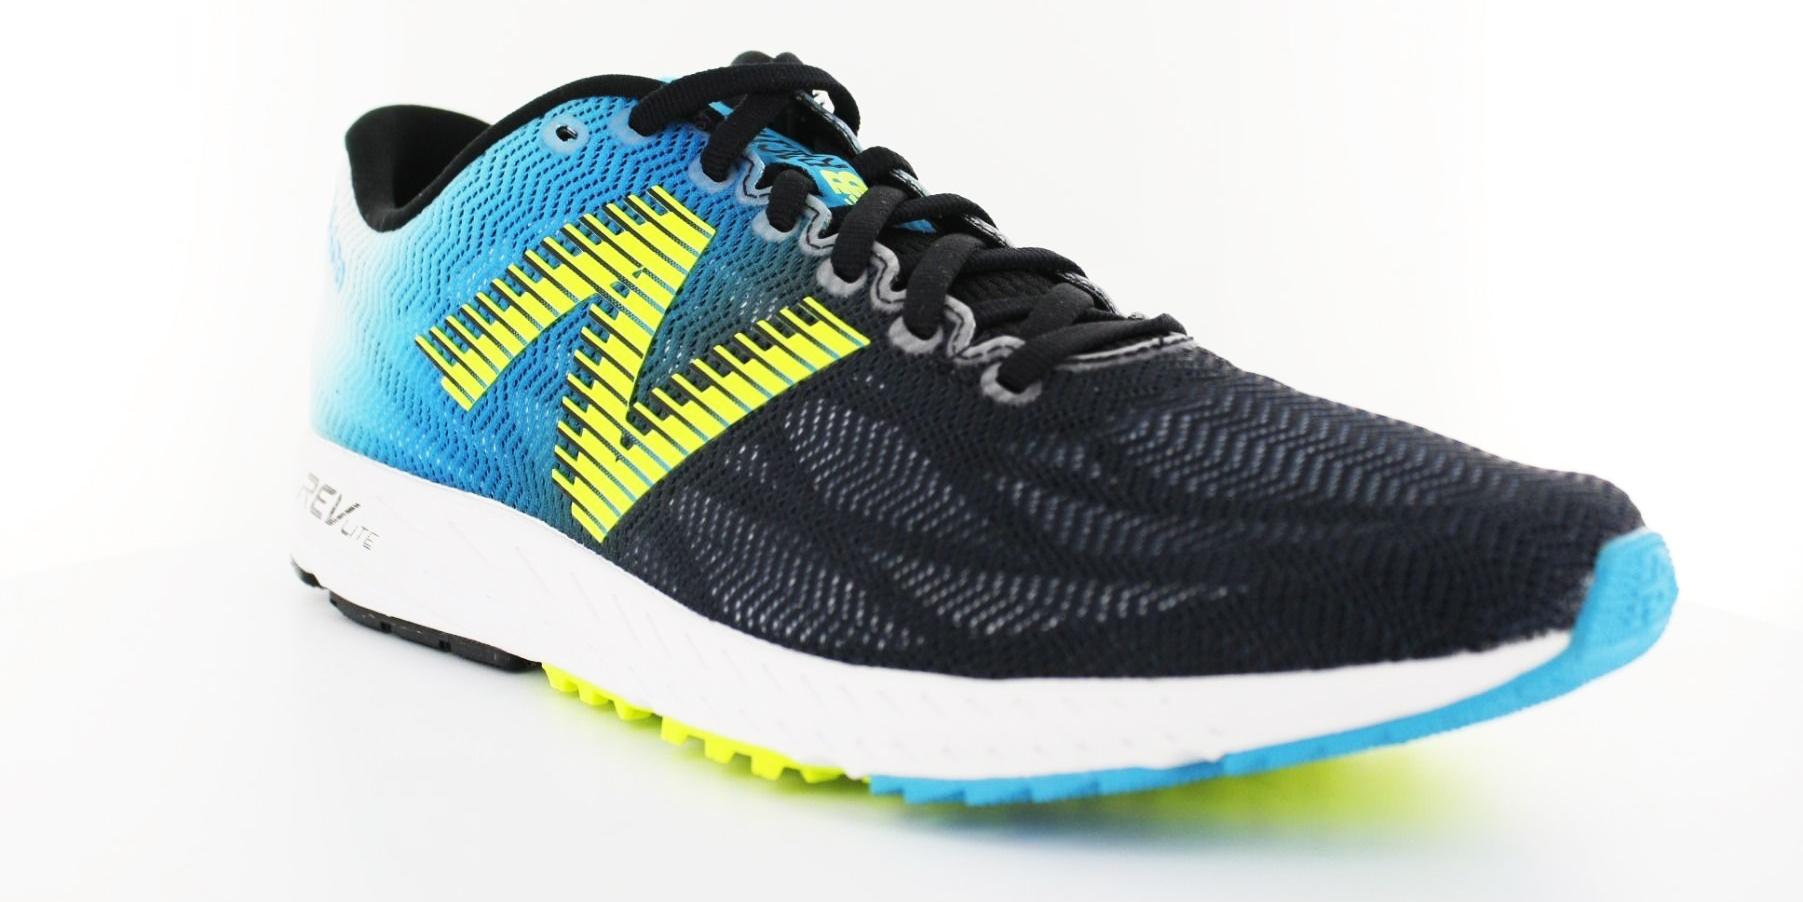 große Auswahl an Designs hübsch und bunt anerkannte Marken New Balance 1400v6: Fit, Feel & Function | Kintec Shoe Experts